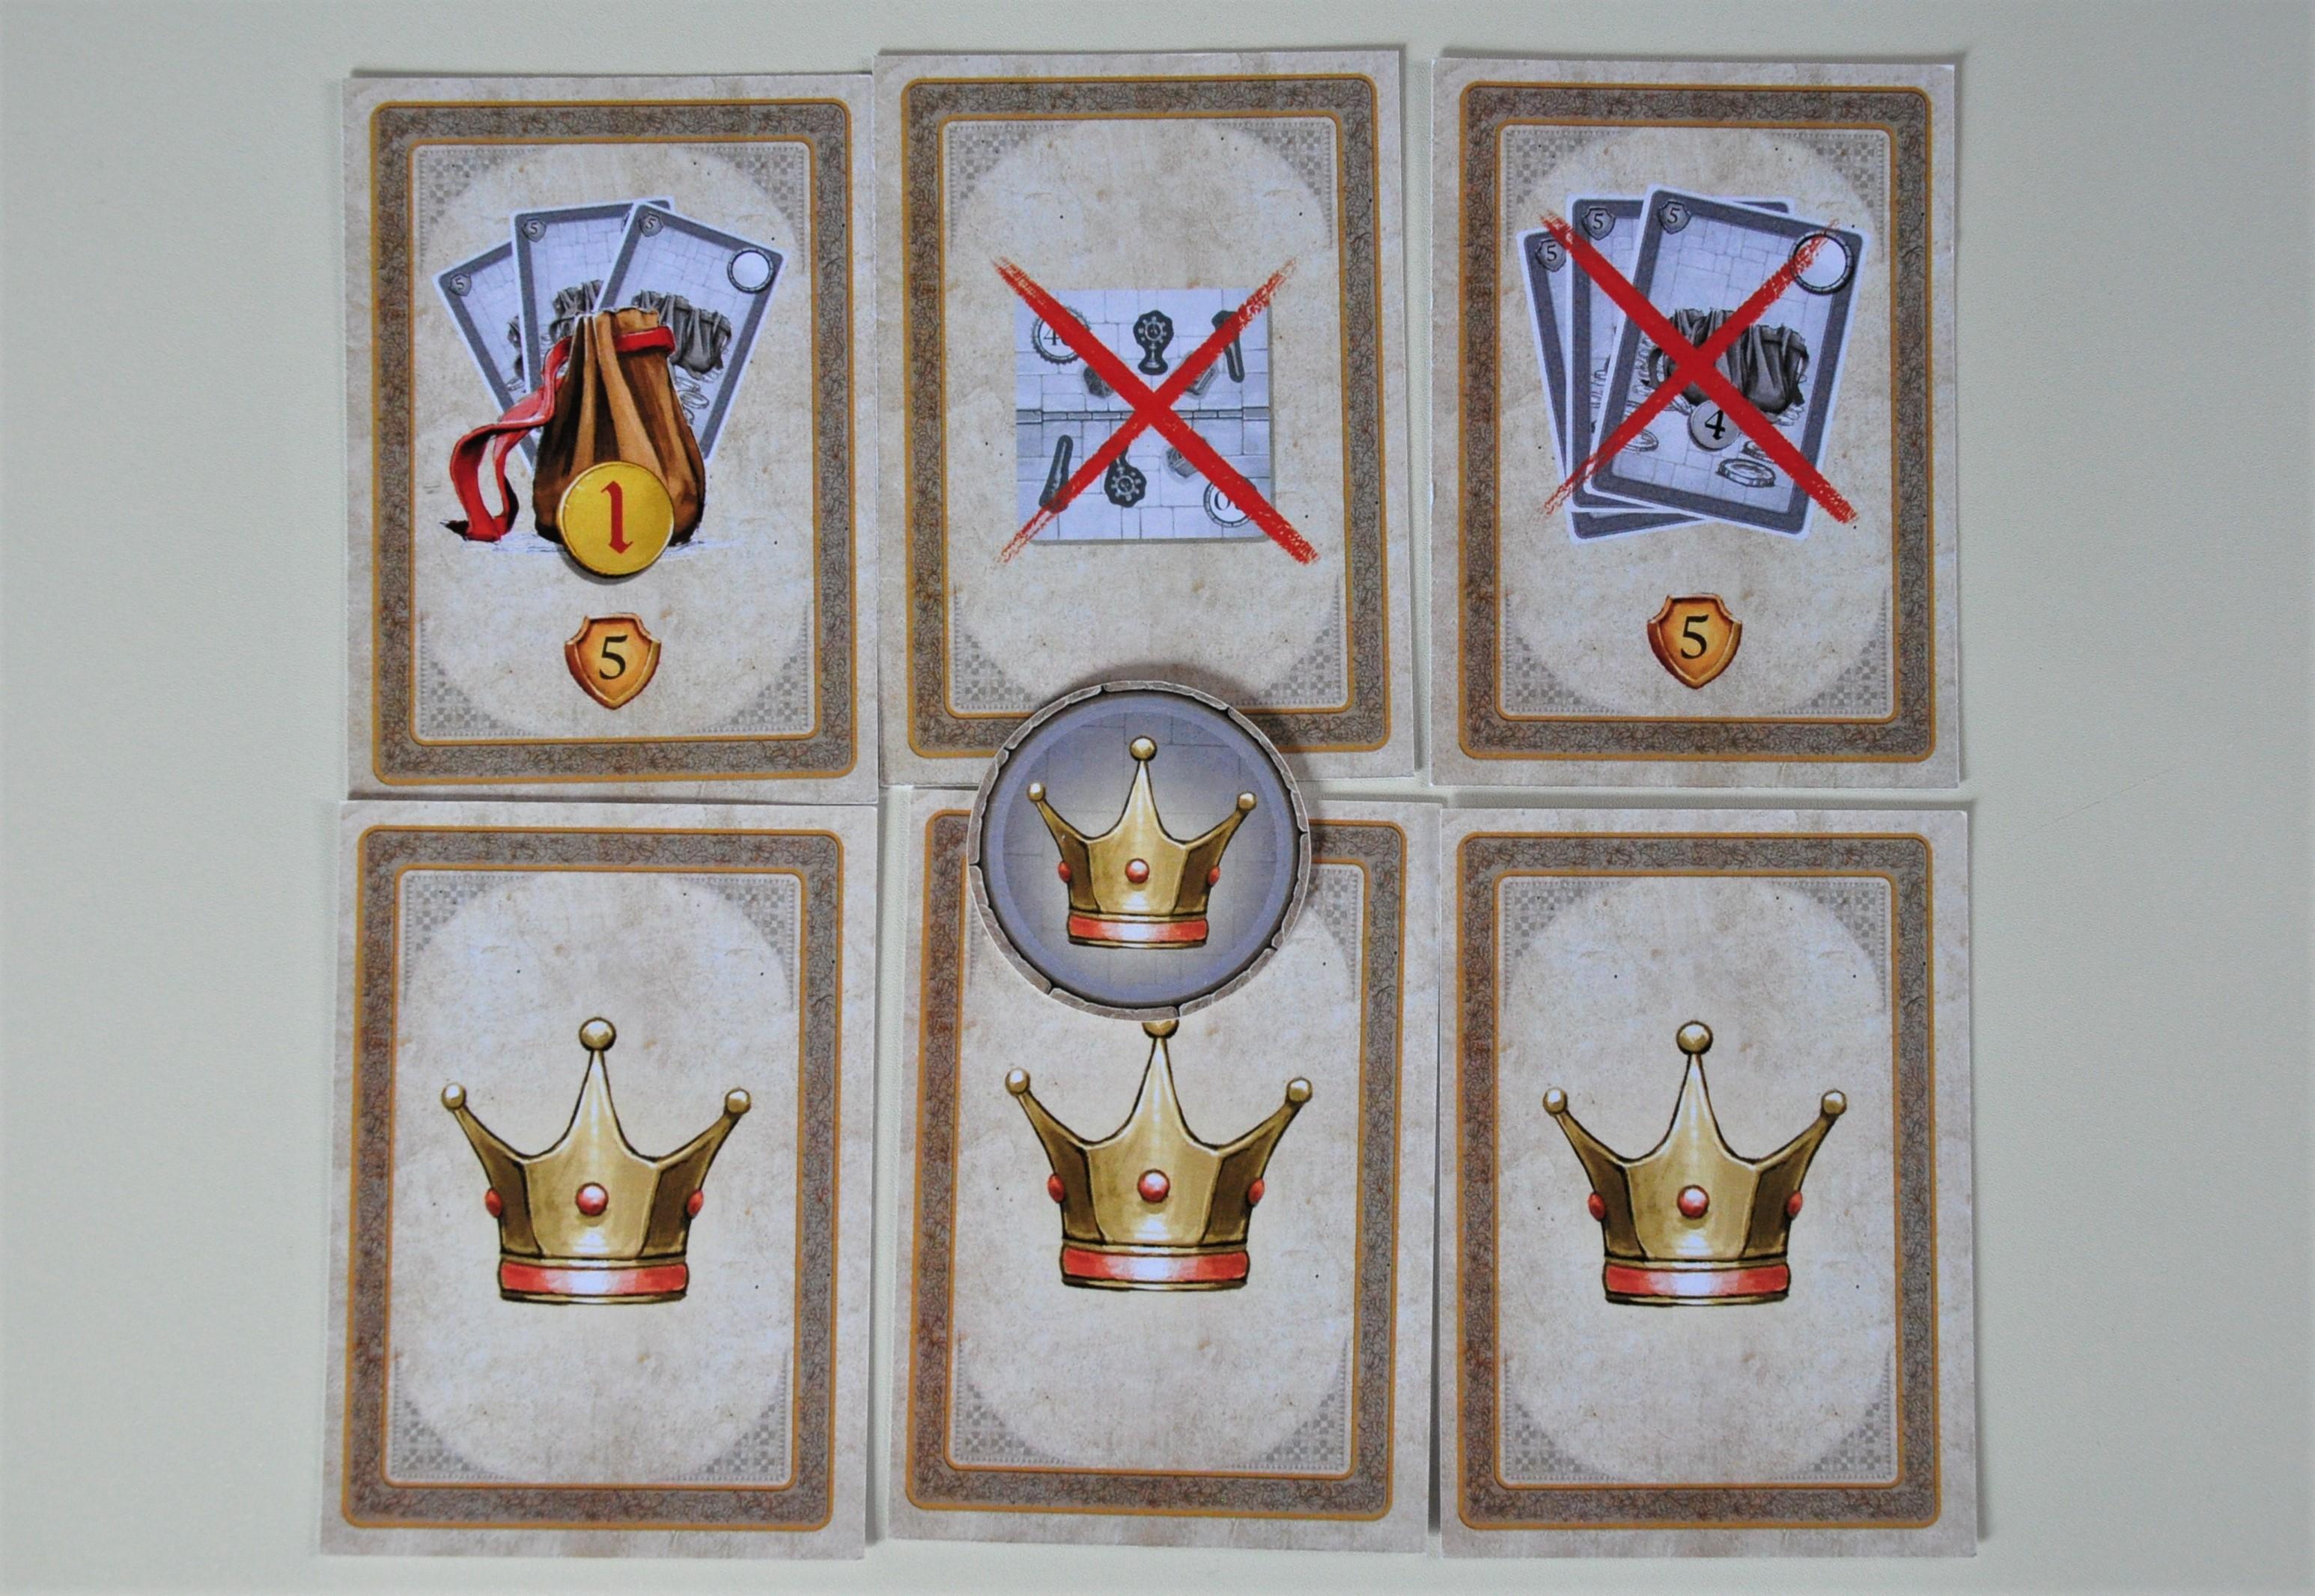 Znacznik książęcego przywileju wraz zkartami dekretów